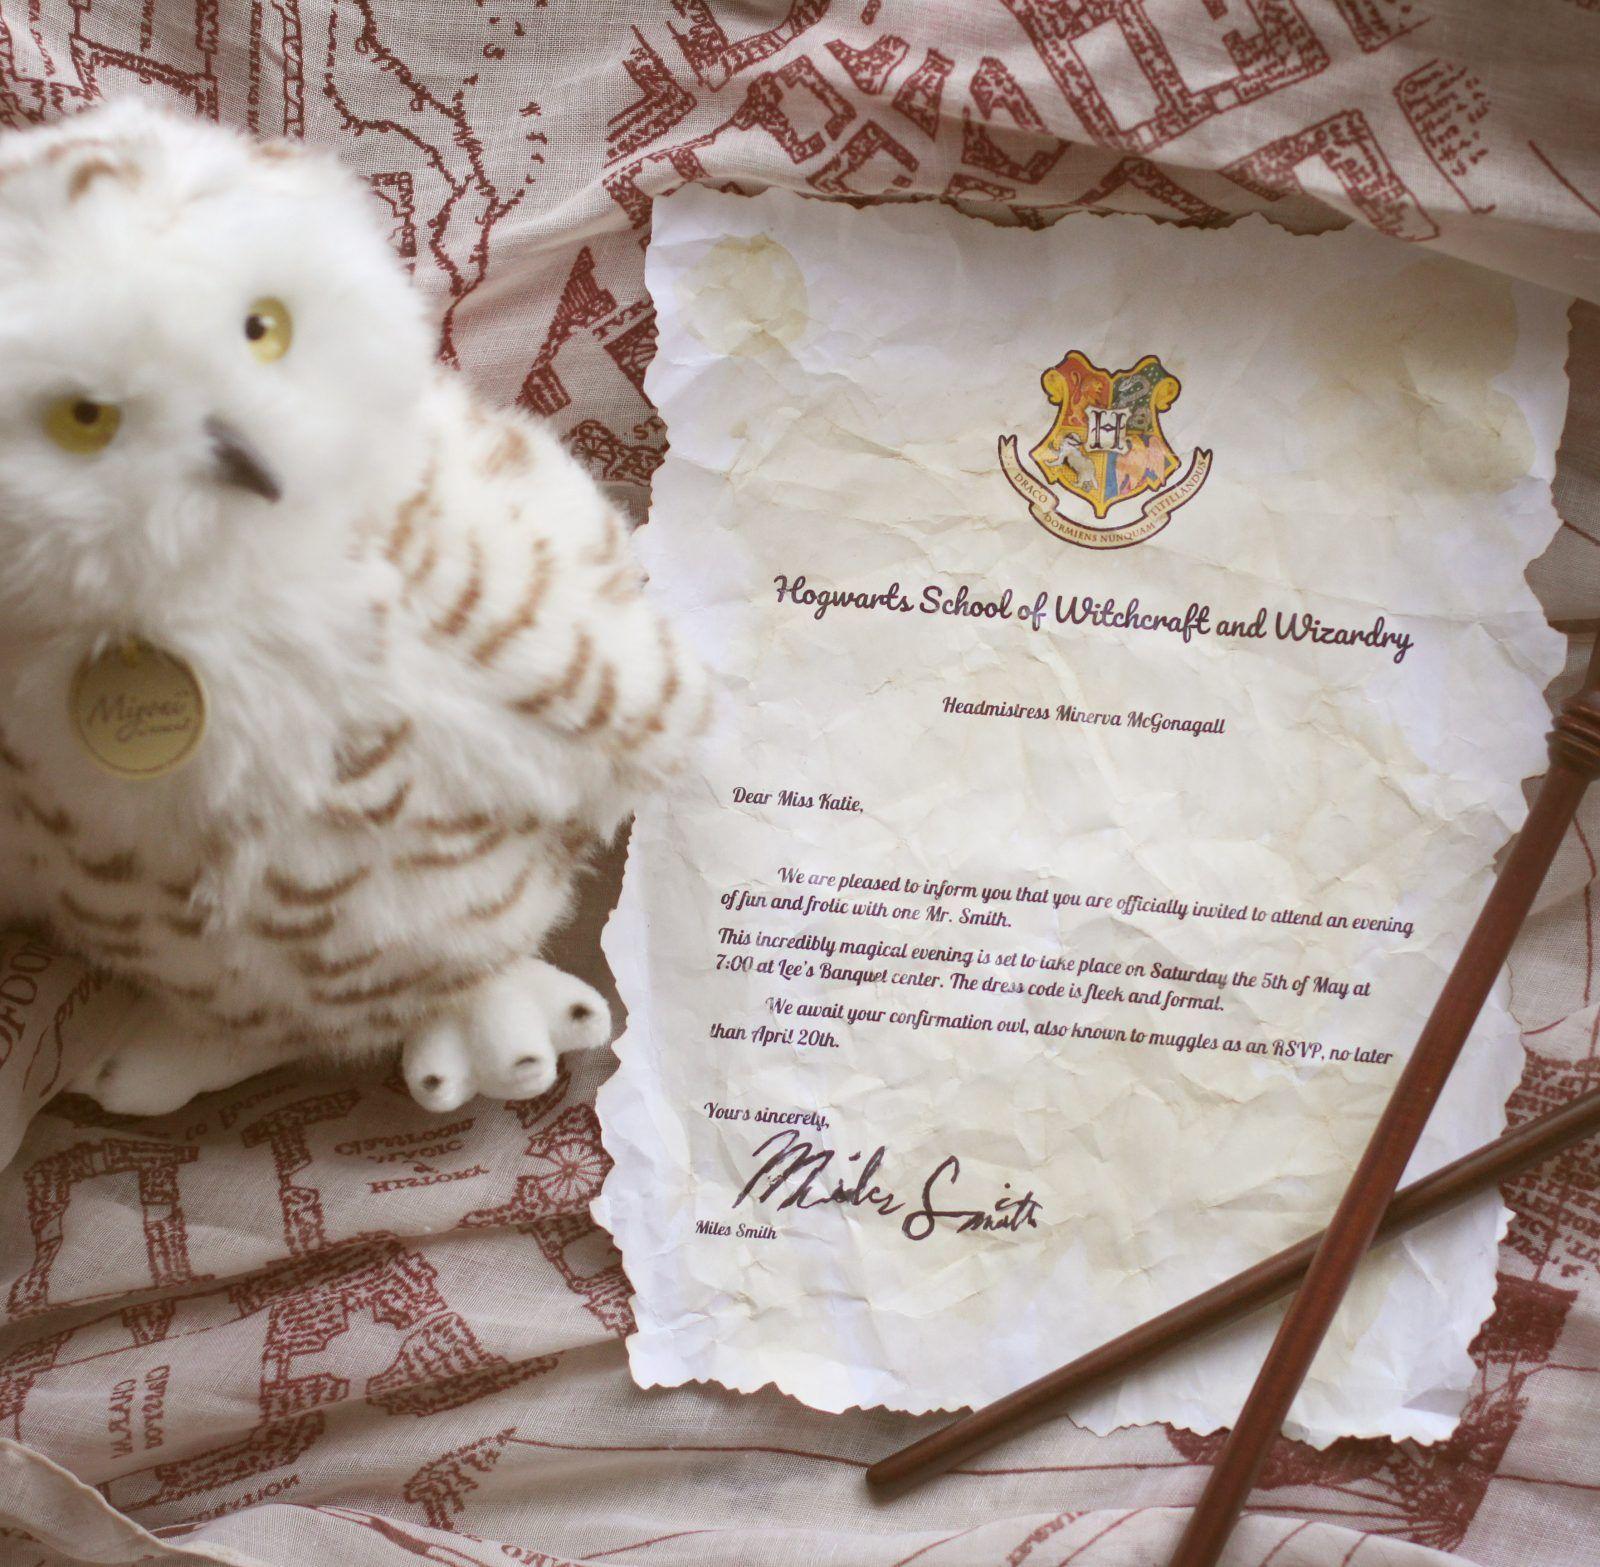 1 Harry Potter Promposal Ideas With Stuffed Owl Promposal Stuffedanimal Personalized Cute Best Harrypotter Wizard Best Prompictureideas Singleprompic